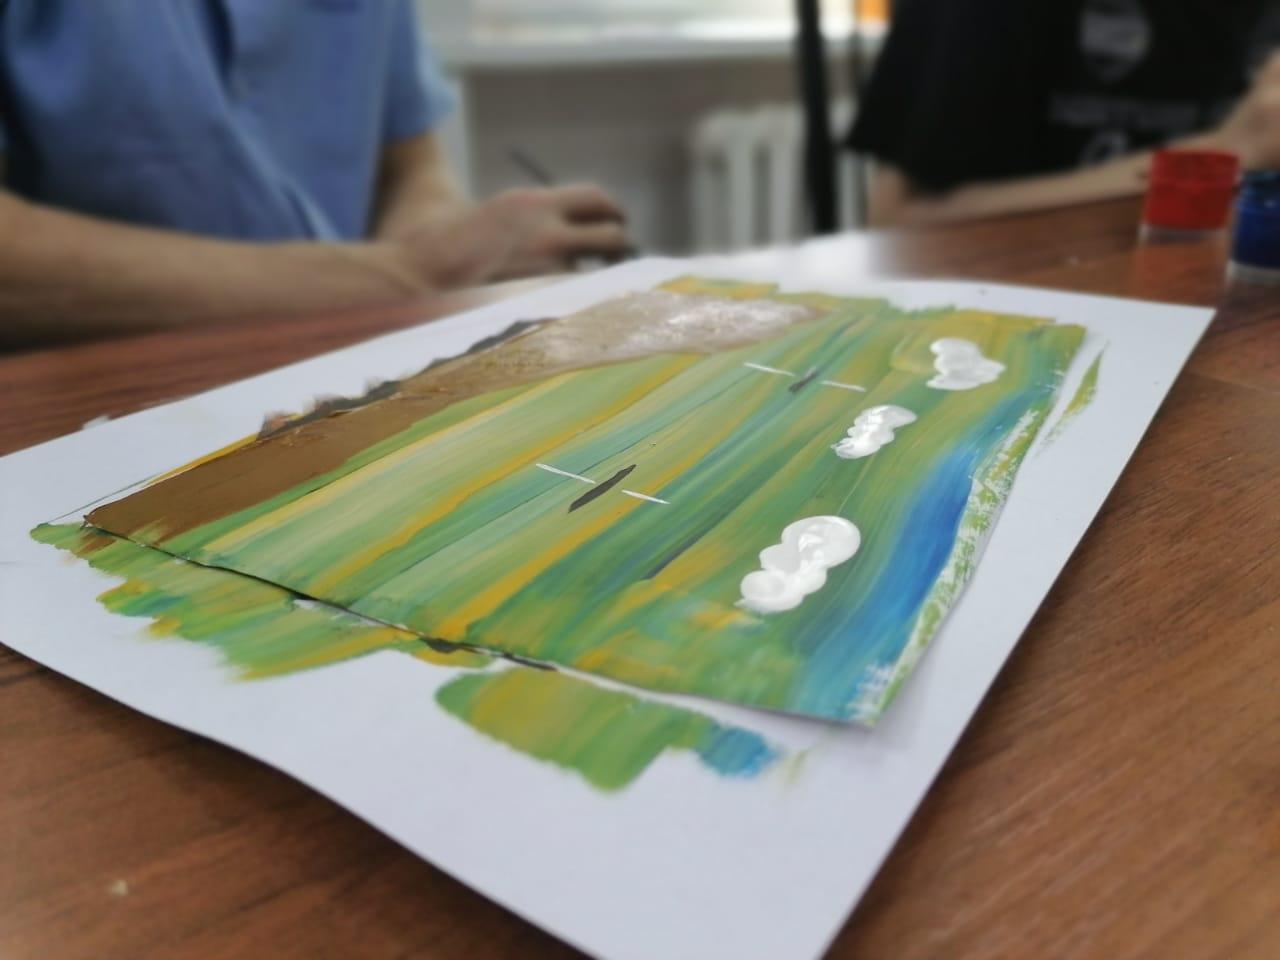 акварельный рисунок лежит на столе